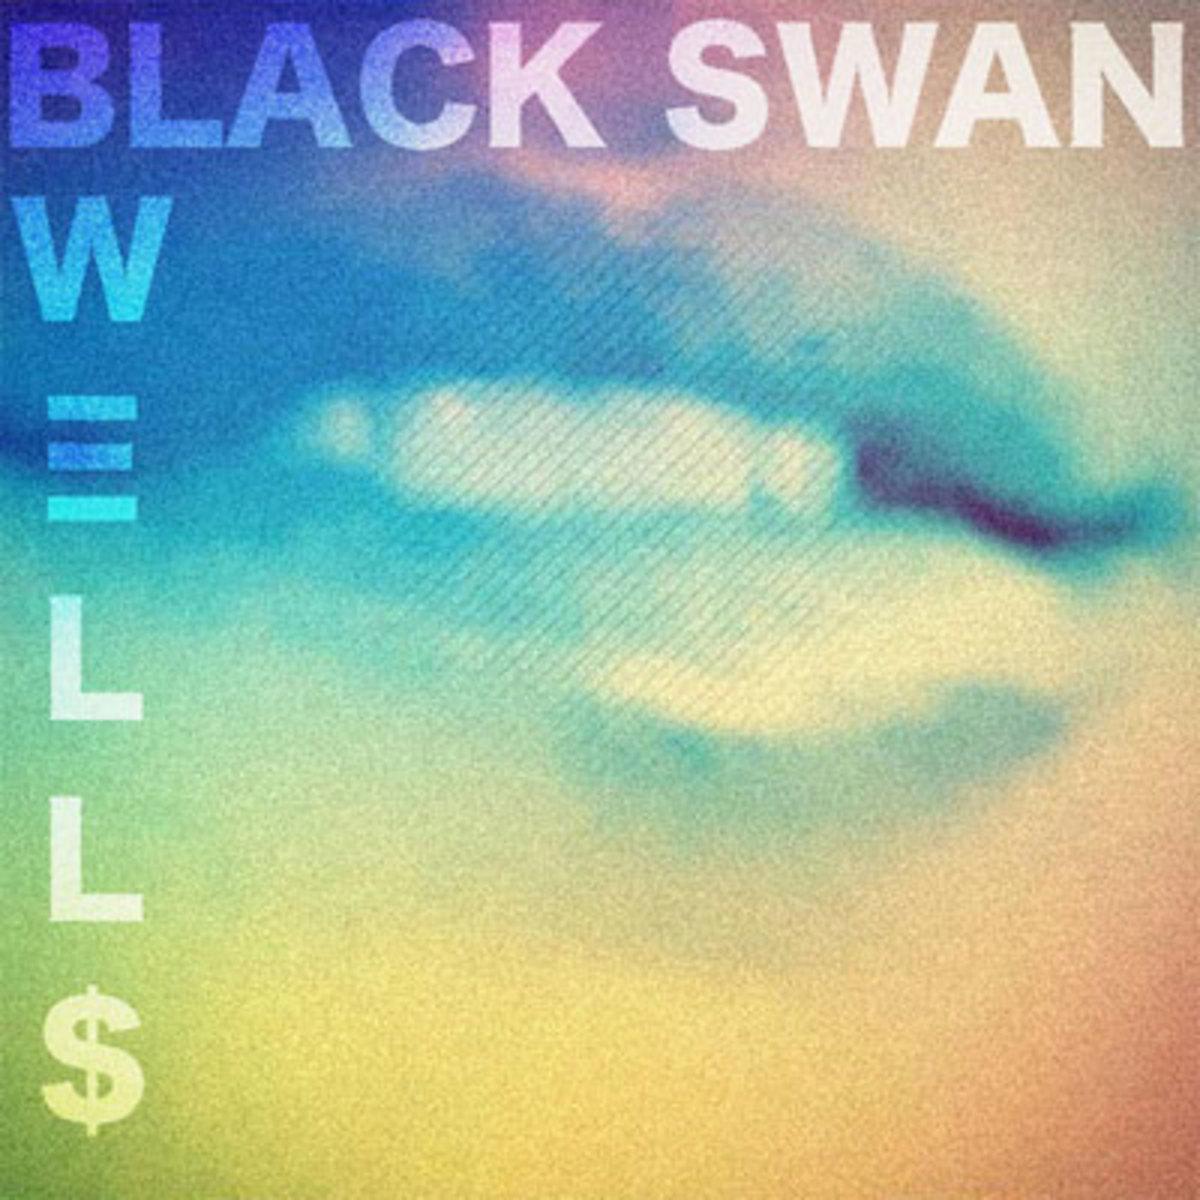 wells-blackswan.jpg